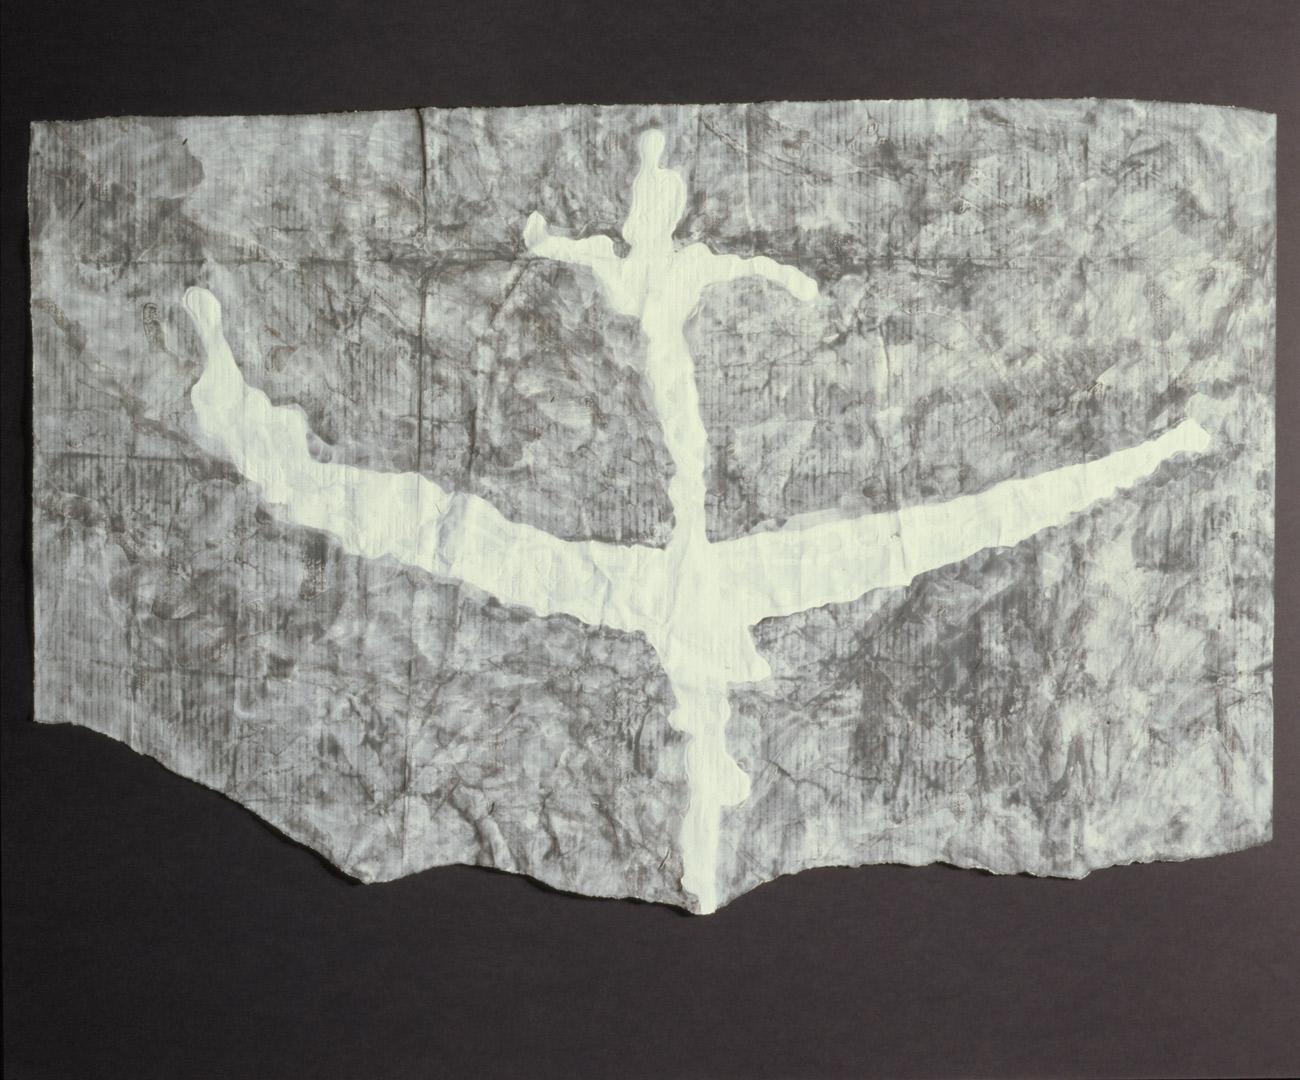 Kamikaze 1994 acquerello su carta preparata con vinavil e gesso